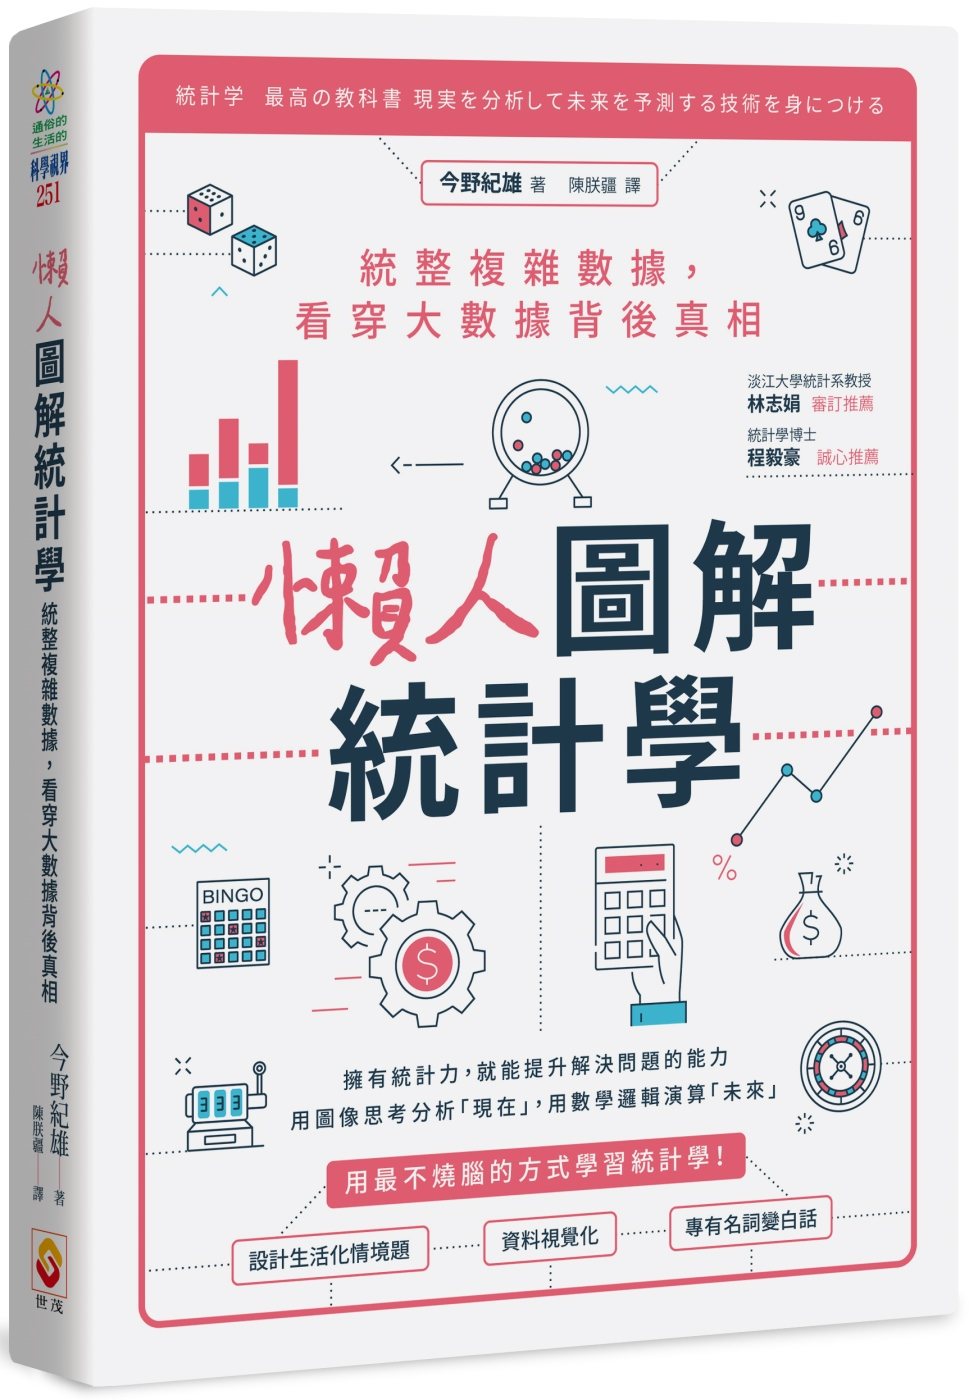 懶人圖解統計學:統整複雜數據,...